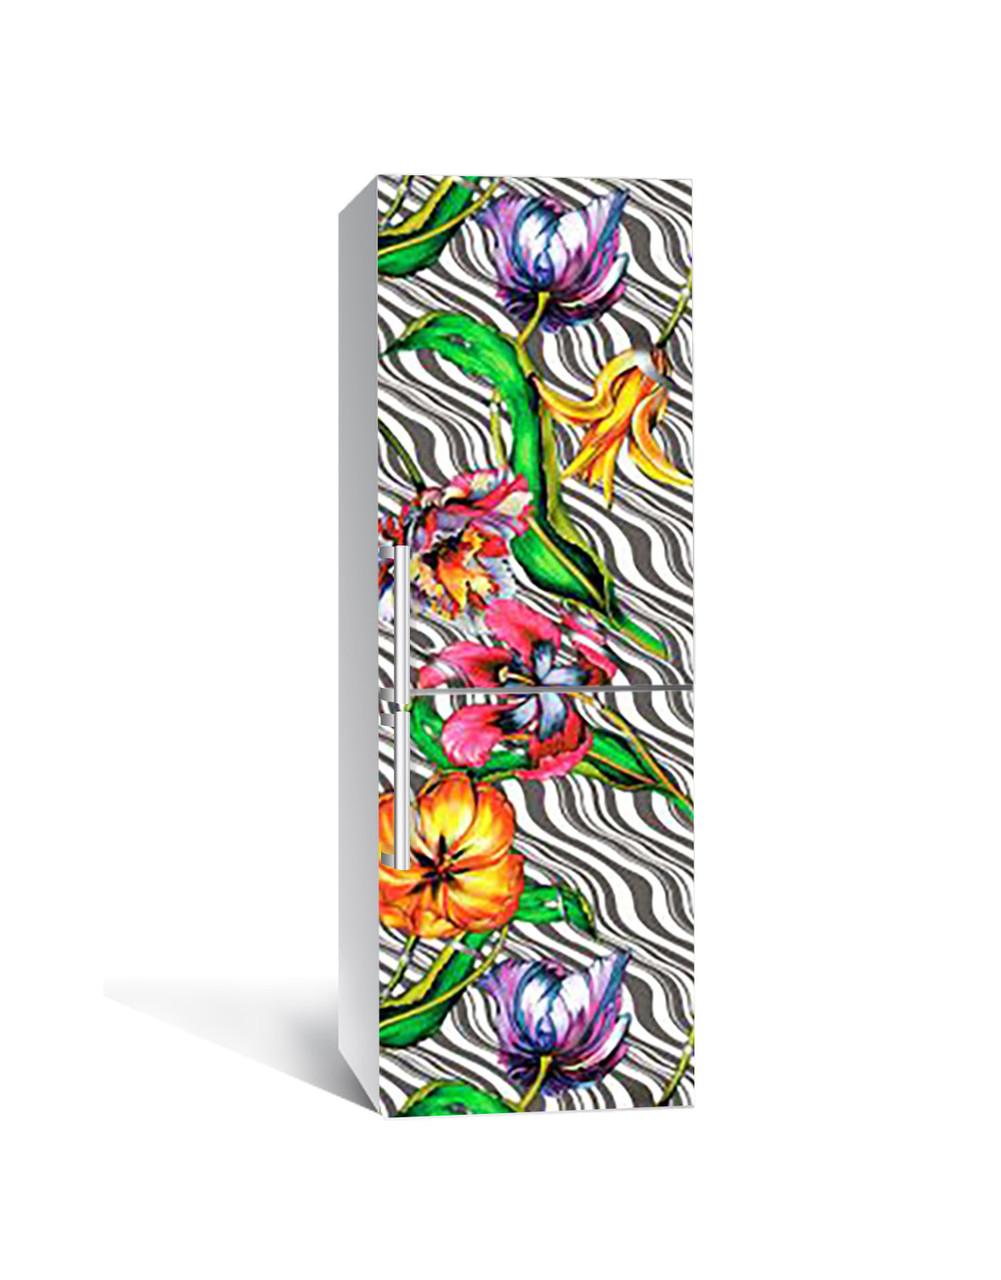 Виниловая 3Д наклейка на холодильник Ярки Цветы Зебра (самоклеющаяся пленка ПВХ) тюльпаны орнамент Зеленый 650*2000 мм